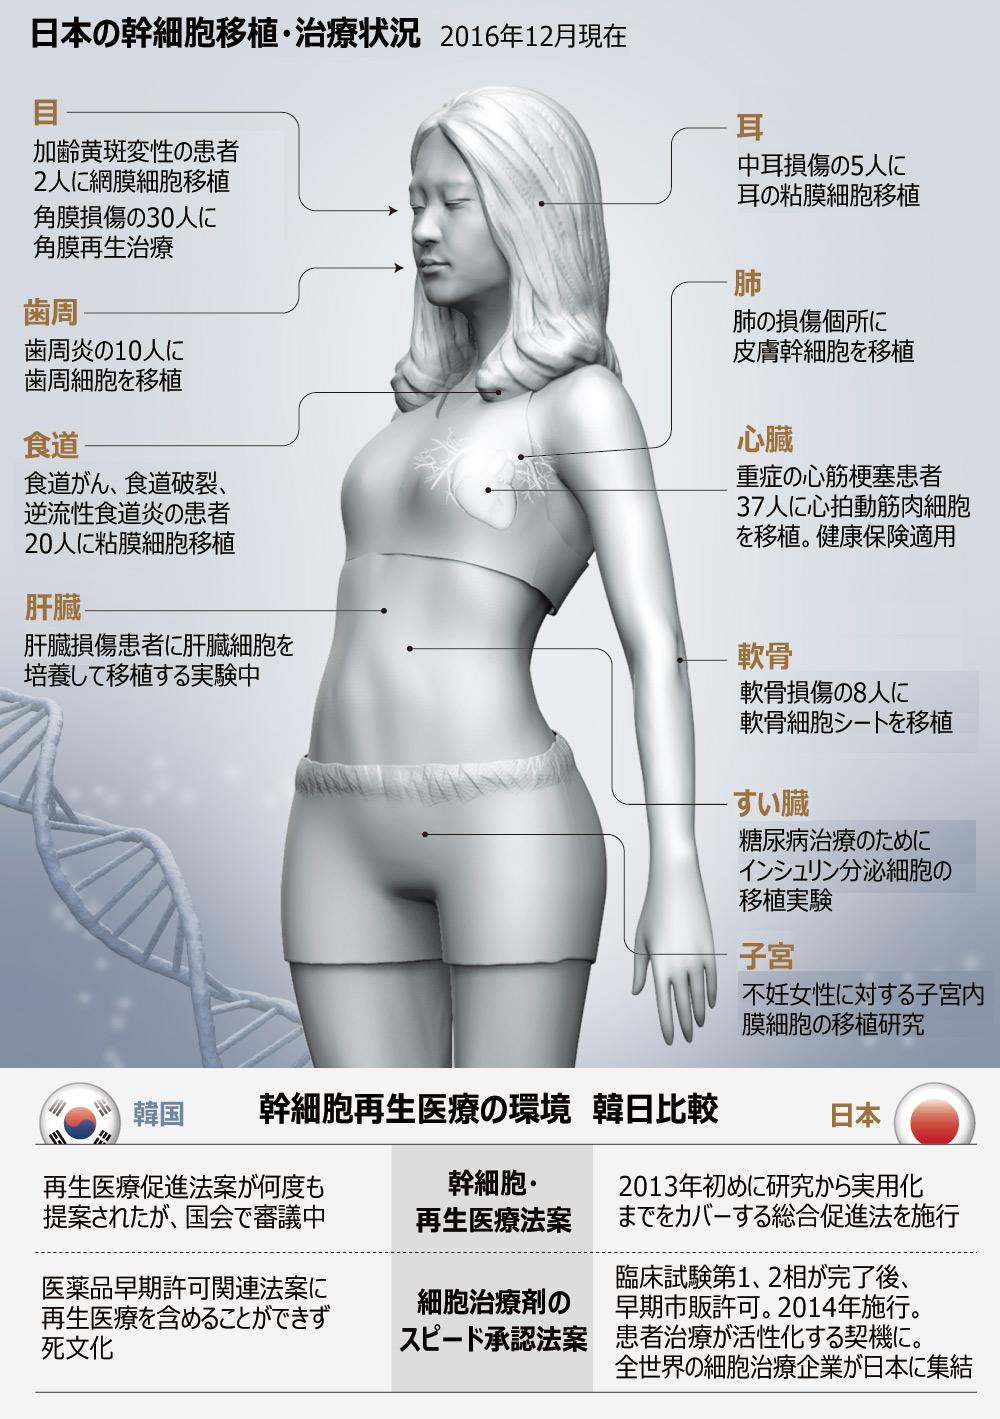 【朝鮮日報】韓国で行き詰まった幹細胞研究、日本で開花のサムネイル画像